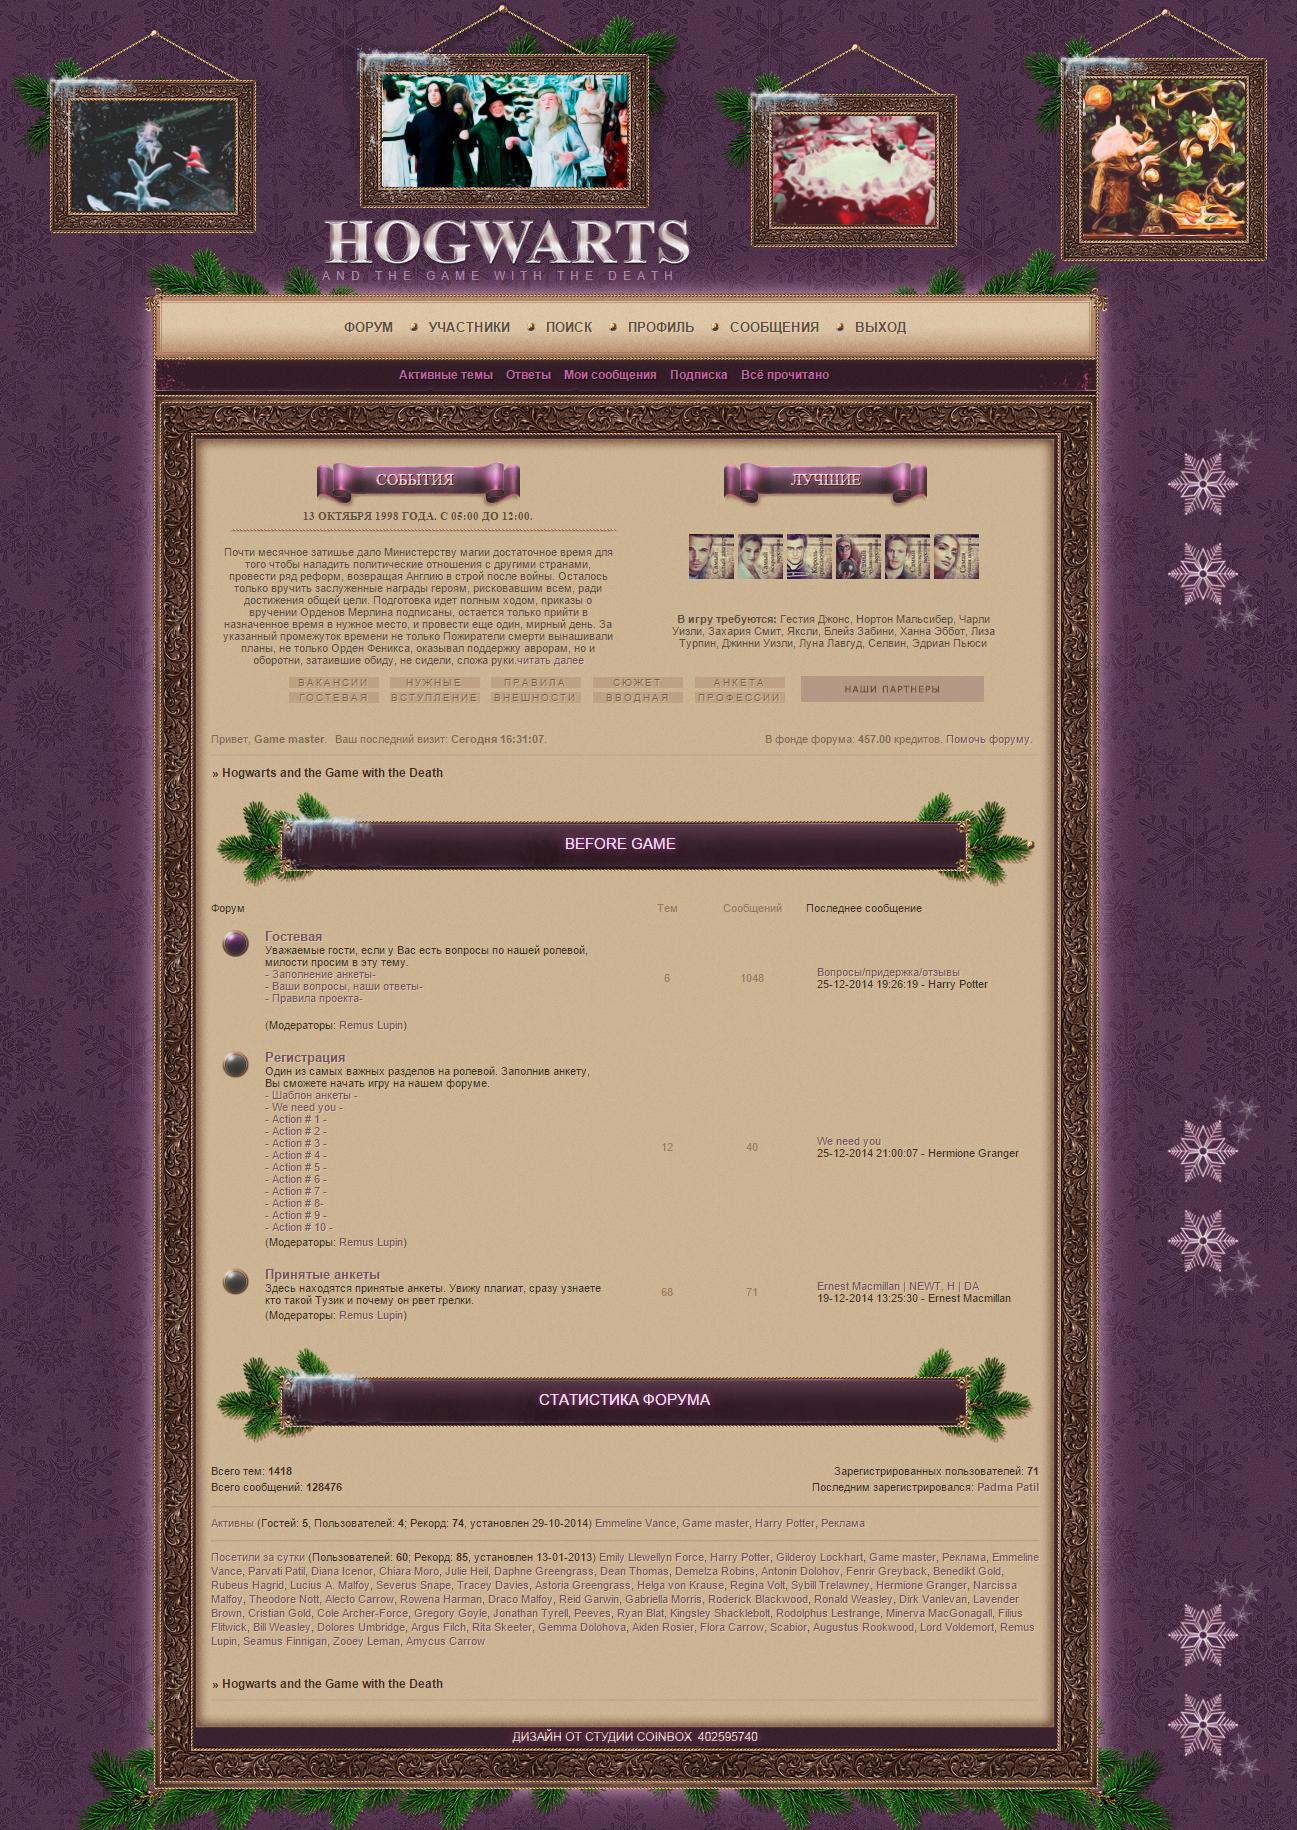 http://fc02.deviantart.net/fs71/f/2014/362/4/8/hogwarts_school_by_coinboxlab-d8bjvze.jpg